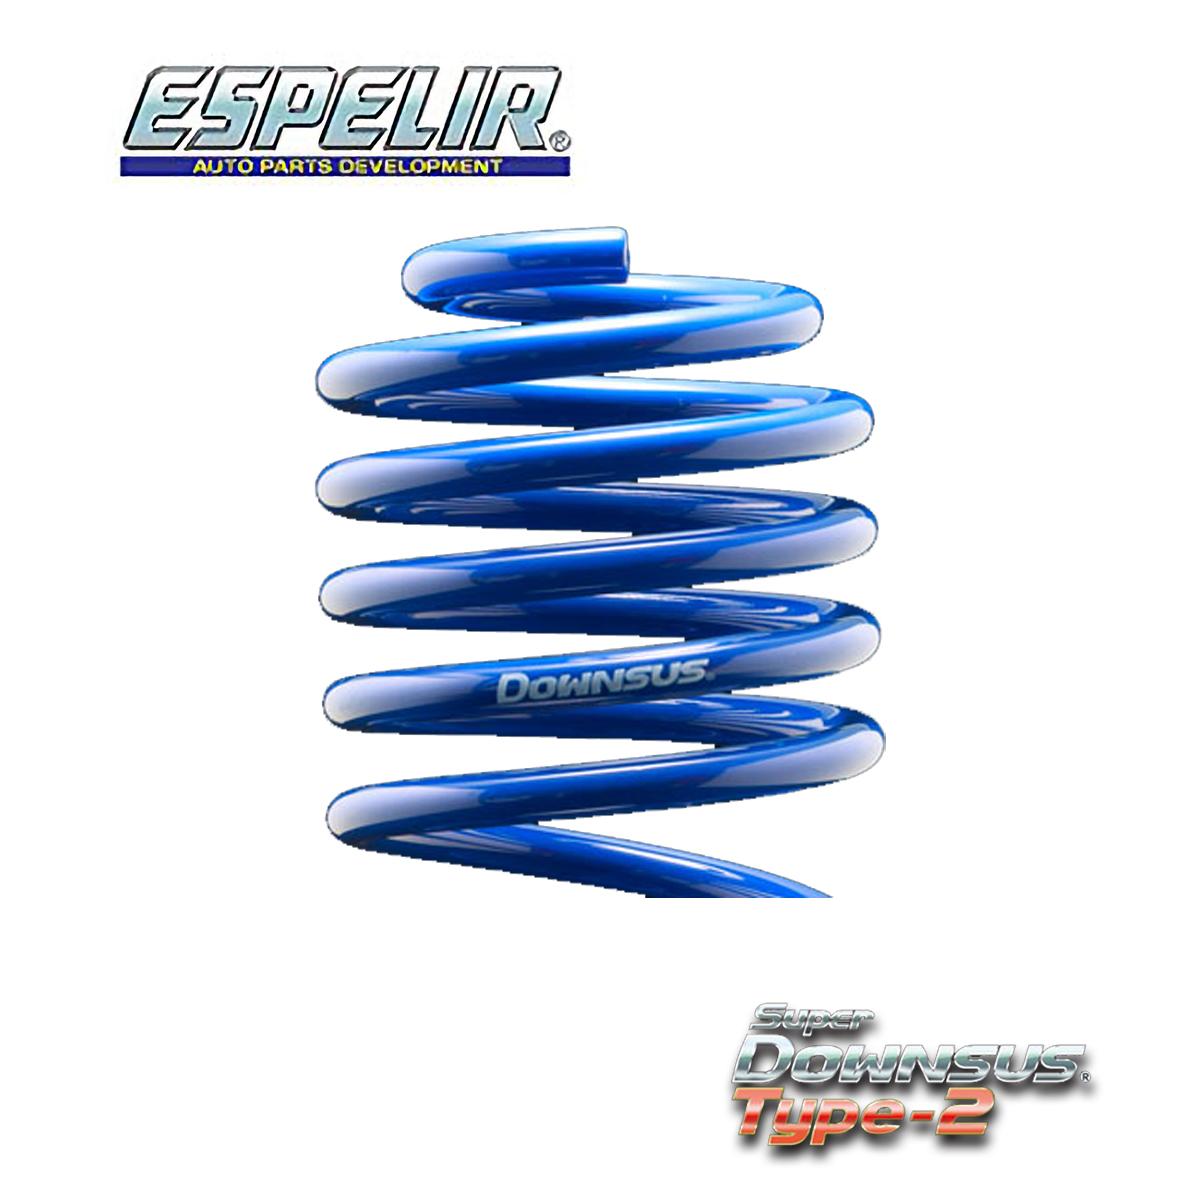 エスペリア N BOX カスタム JF3 スプリング ダウンサス セット 1台分 ESH-3742 スーパーダウンサス タイプ2 Super DOWNSUS Type2 ESPELIR